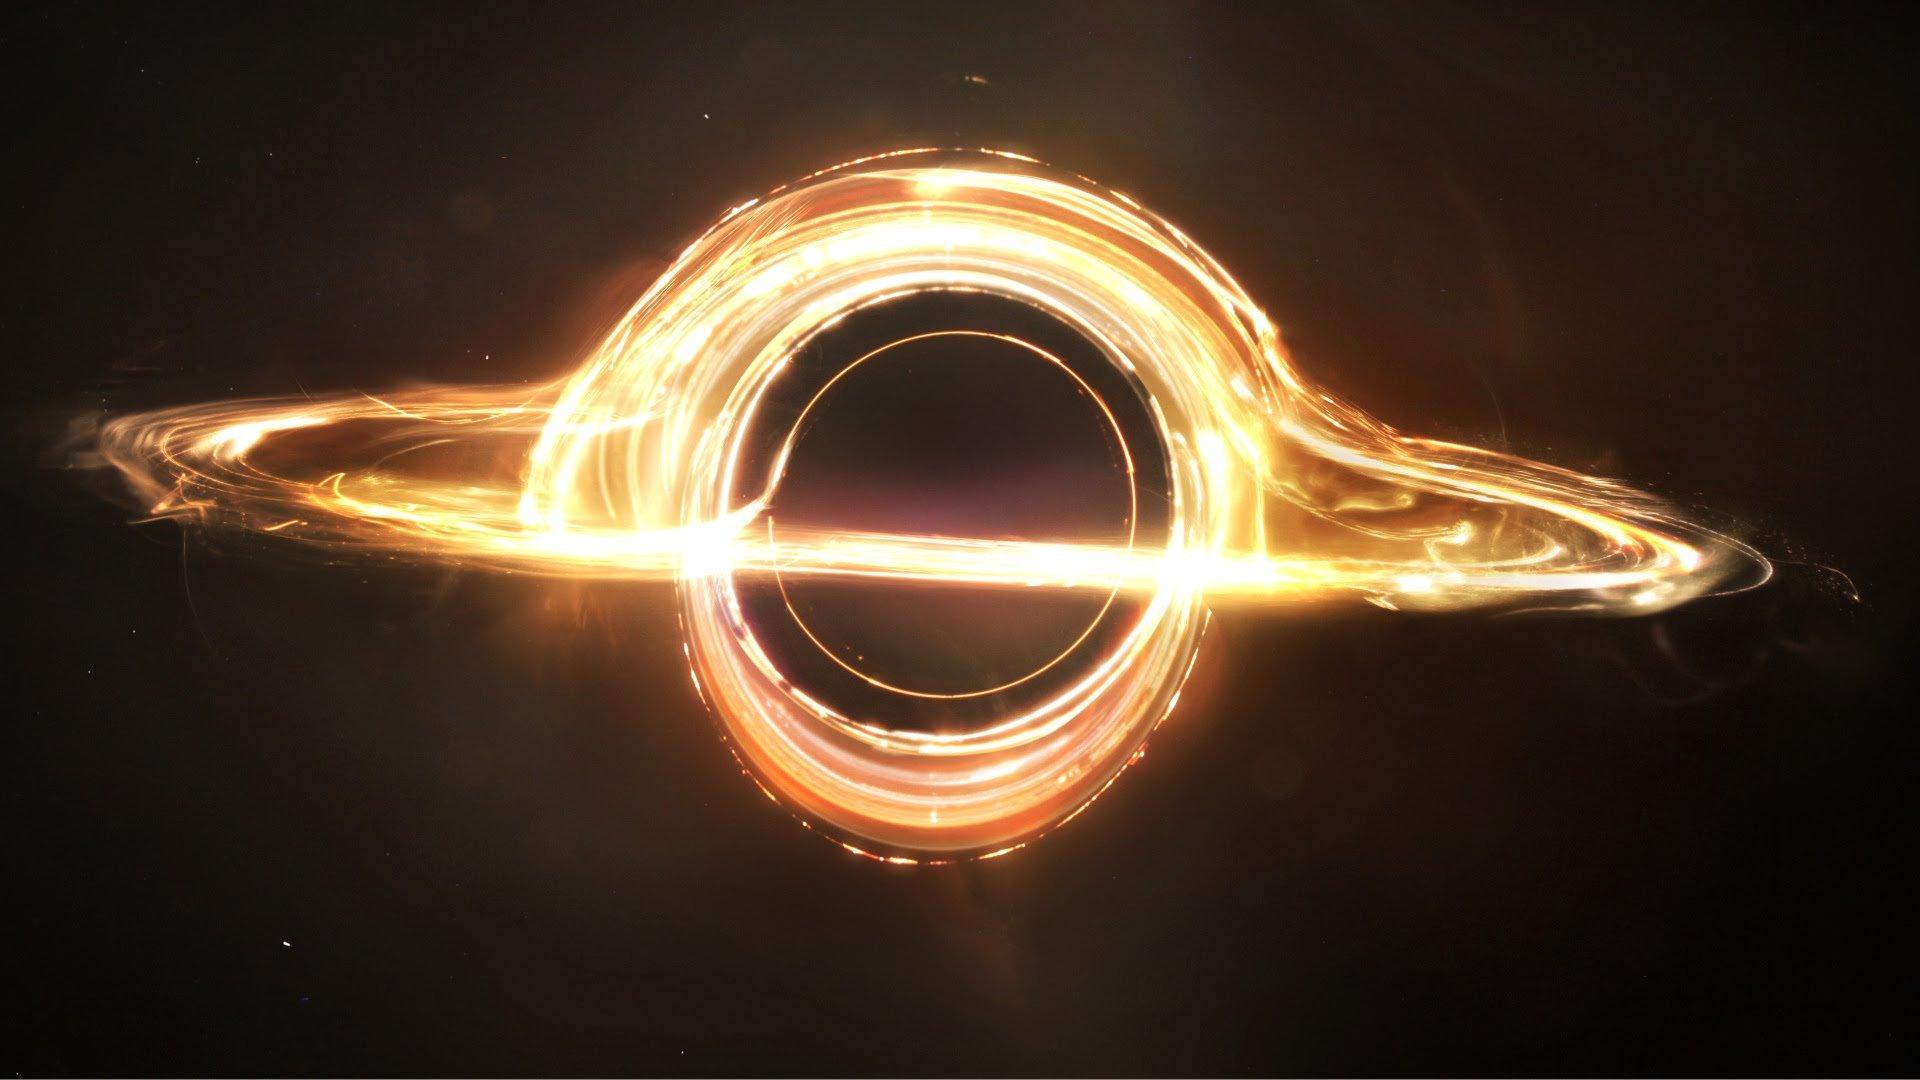 Ученые: Землю уничтожит невидимая темная дыра